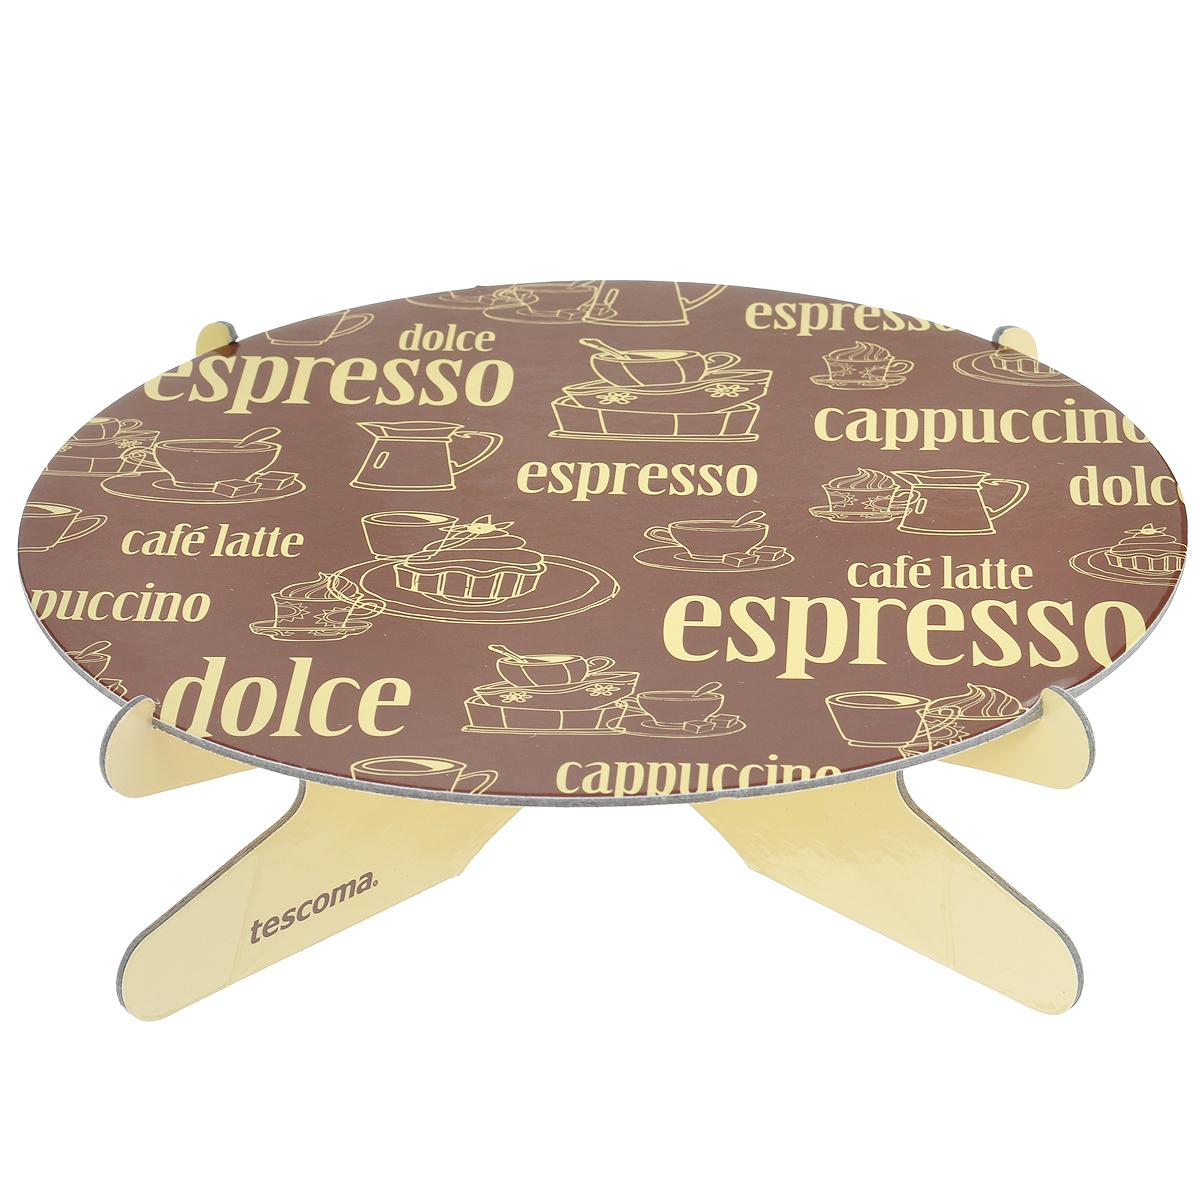 Подставка для торта Tescoma Delicia. Кофе, диаметр 28,5 см630735Подставка для торта Tescoma Delicia. Кофе идеально подходит для стильной сервировки тортов и десертов. Изготовлена из очень толстого картона, обработанного пластичной смазкой, что сохранит его от влажности. Двухсторонняя печать с красивым рисунком в виде кофейников и чашечек с кофе придает изделию изысканный внешний вид. Подставка оснащена специальным стендом-ножками, он очень прочный и устойчивый, легко собирается. Подставку можно использовать повторно. Промойте под проточной водой и протрите сухой тканью. Диаметр подставки: 28,5 см.